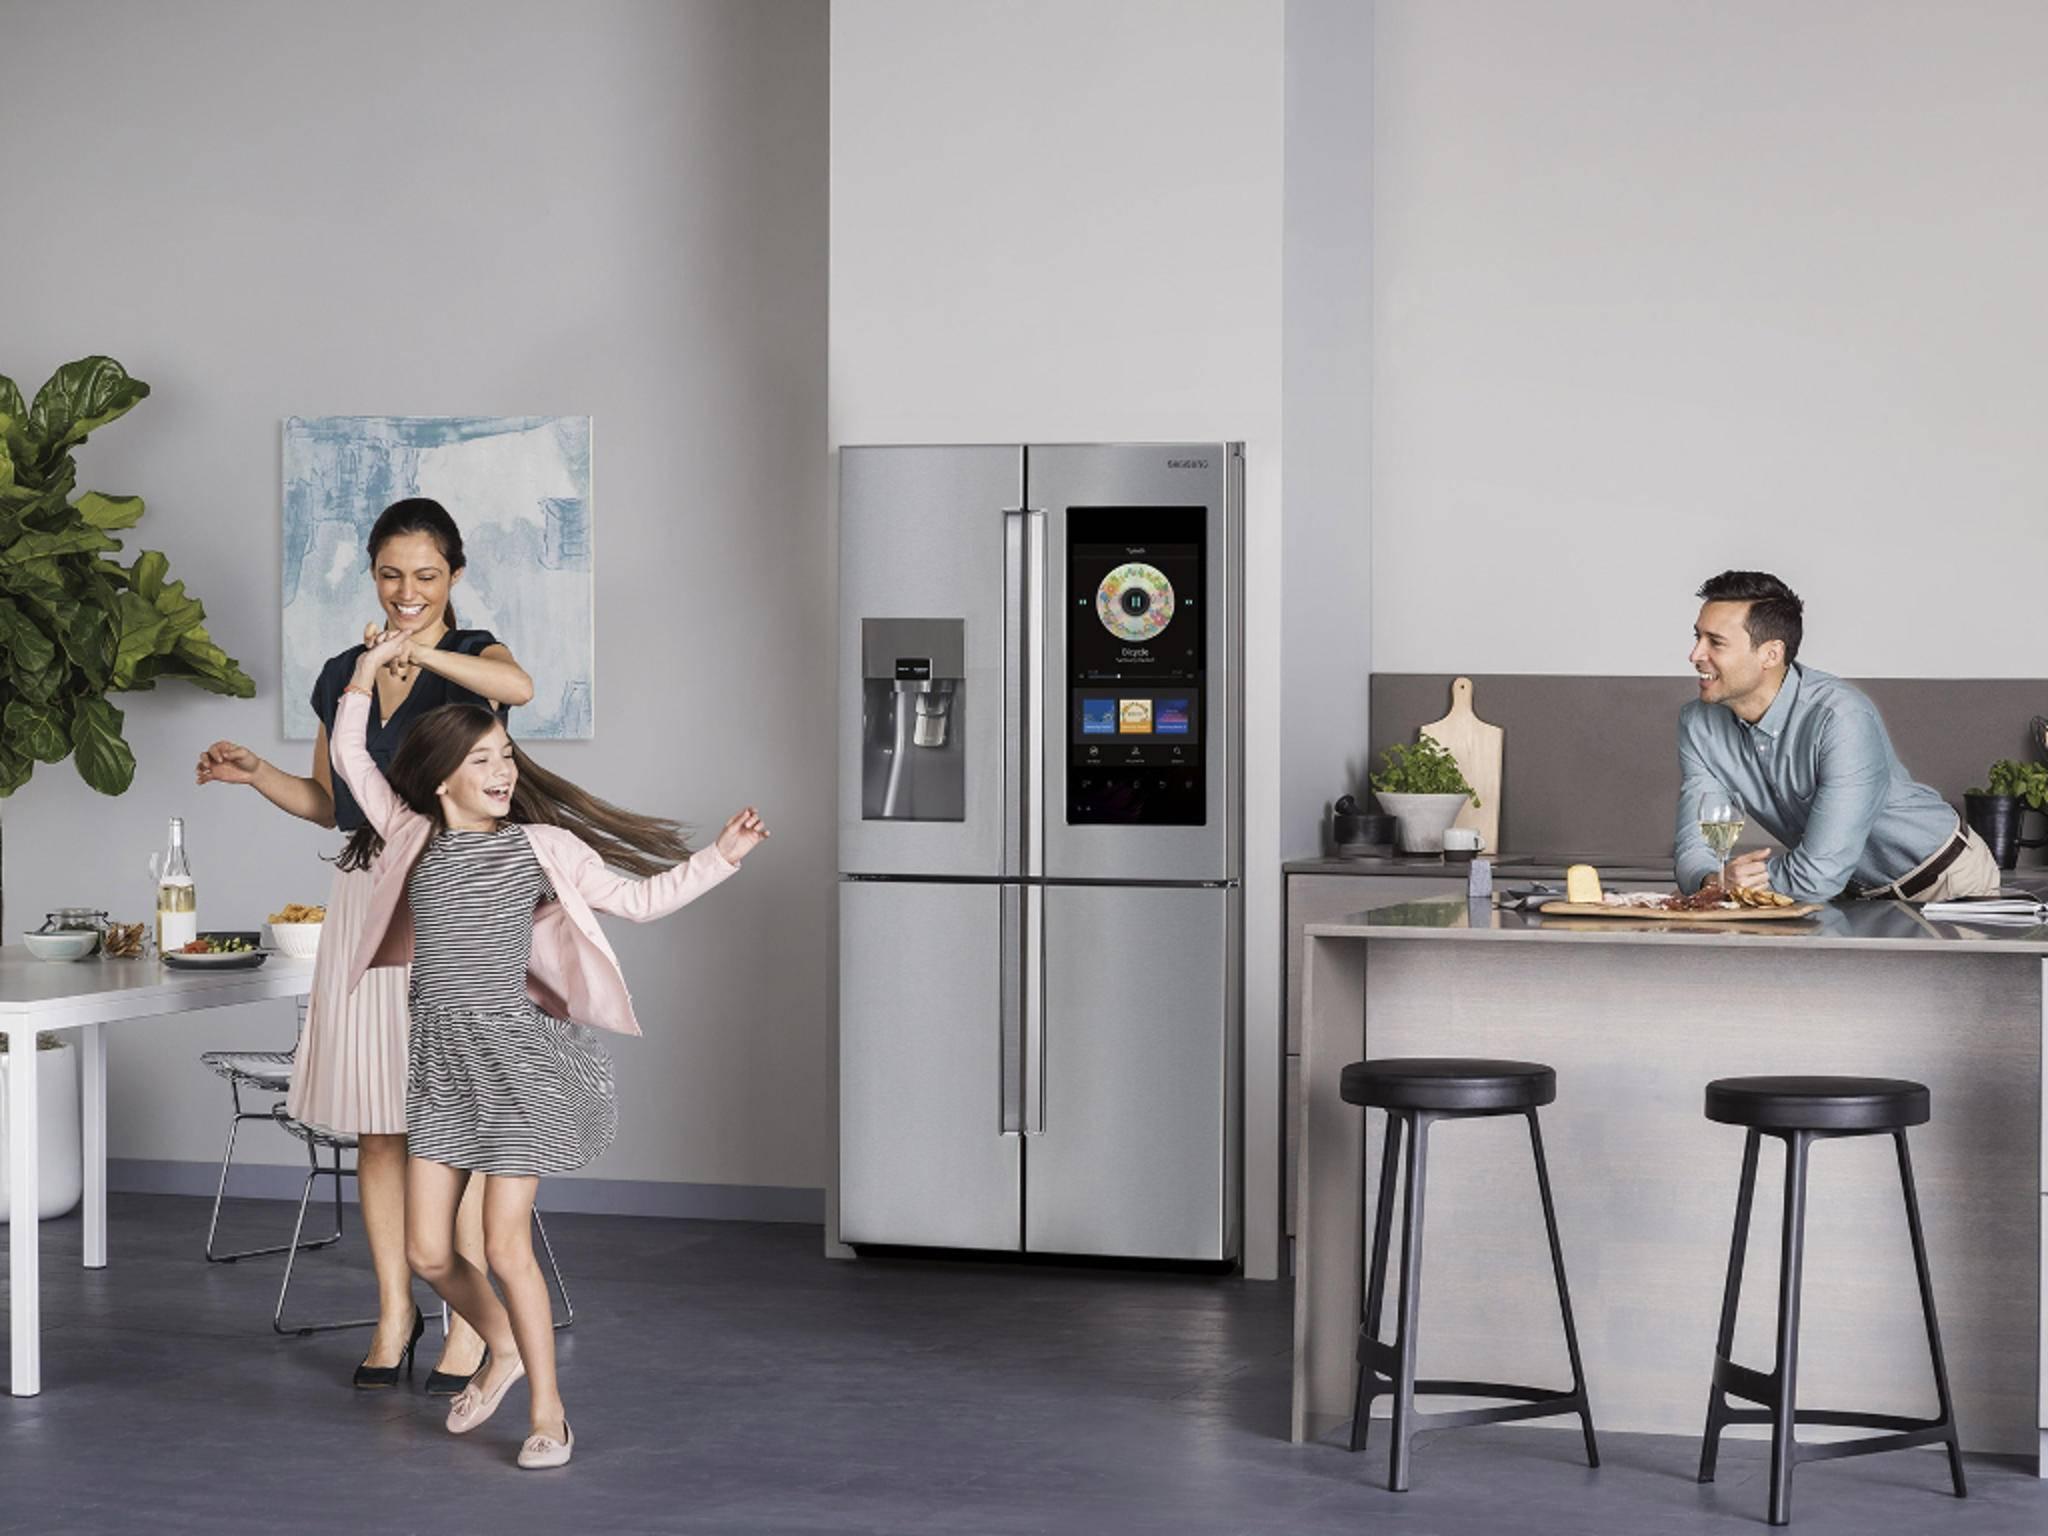 Samsung bringt mit dem Family Hub den ersten Smart-Kühlschrank nach Deutschland.